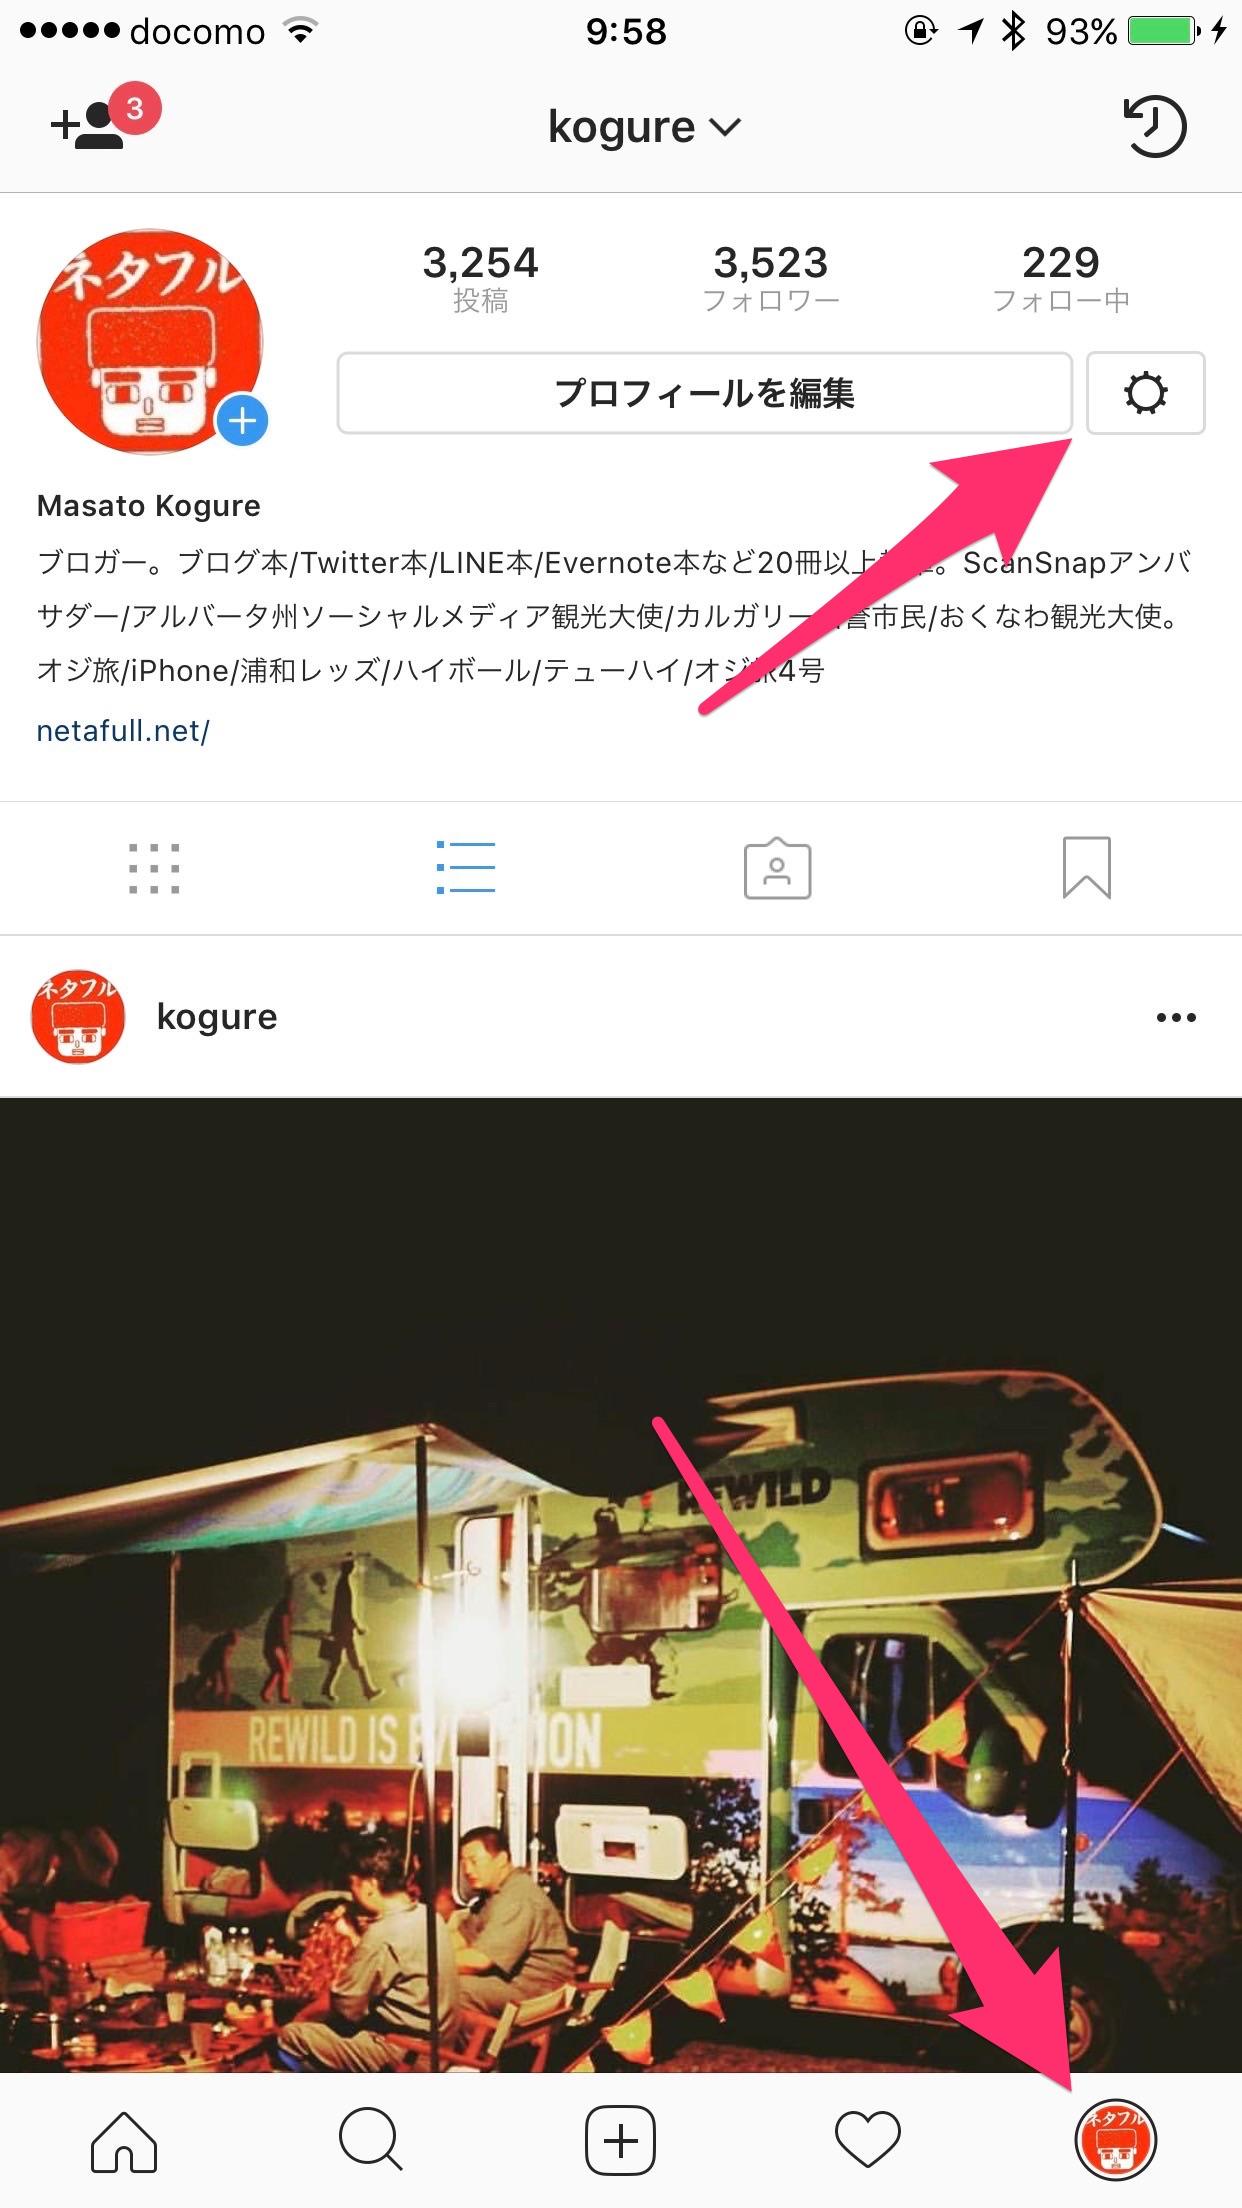 Instagram fav where 7053